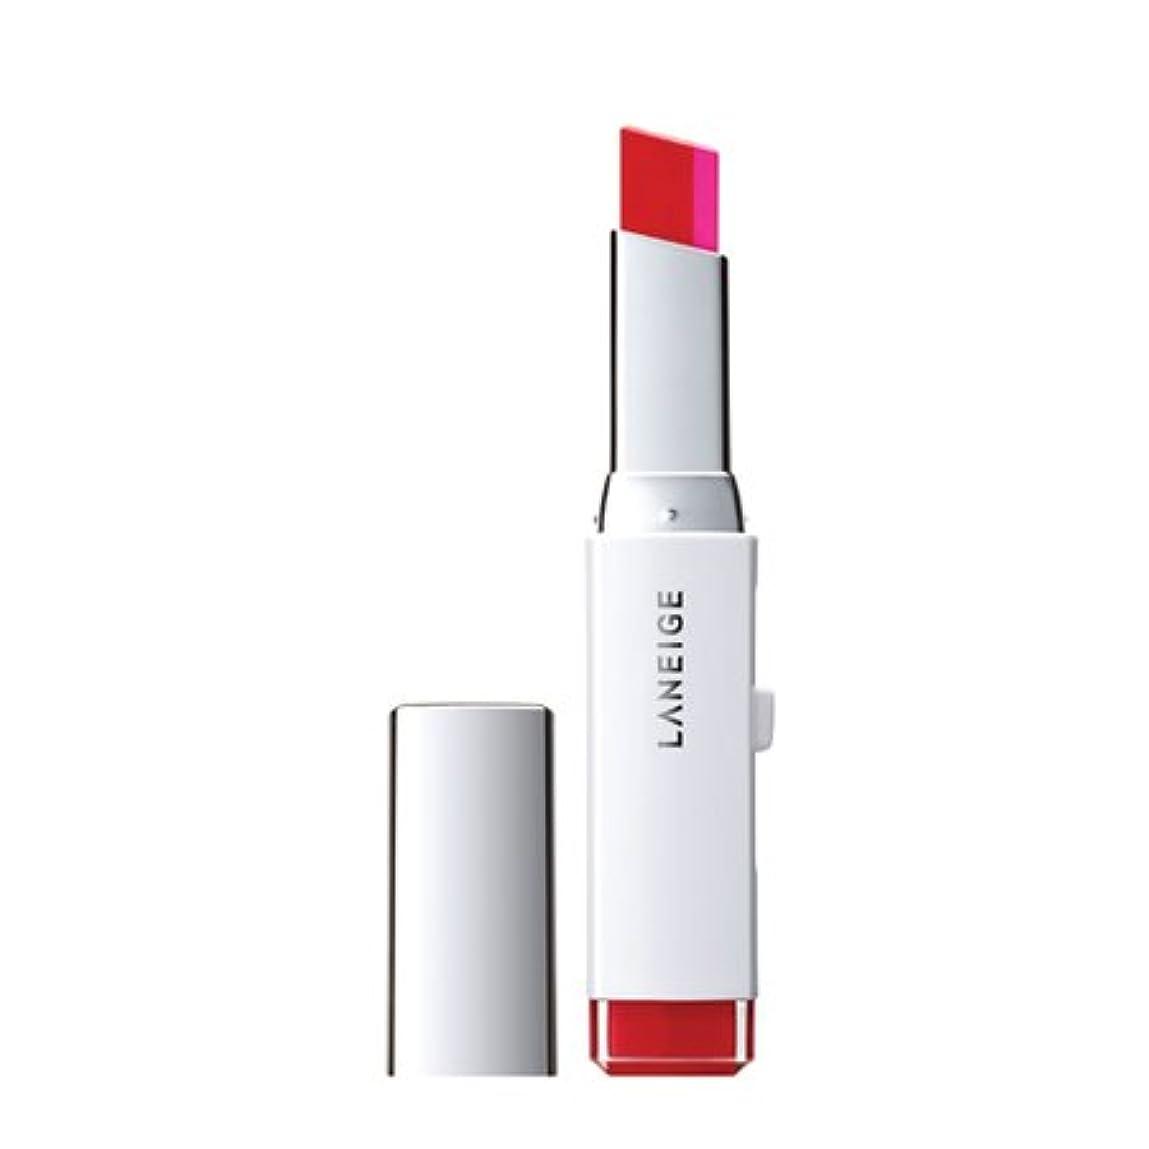 熱狂的な当社コンペラネージュ(LANEIGE)ツートーンリップバー(Two tone lip bar)2g カラー:5号 ダリングダーリン